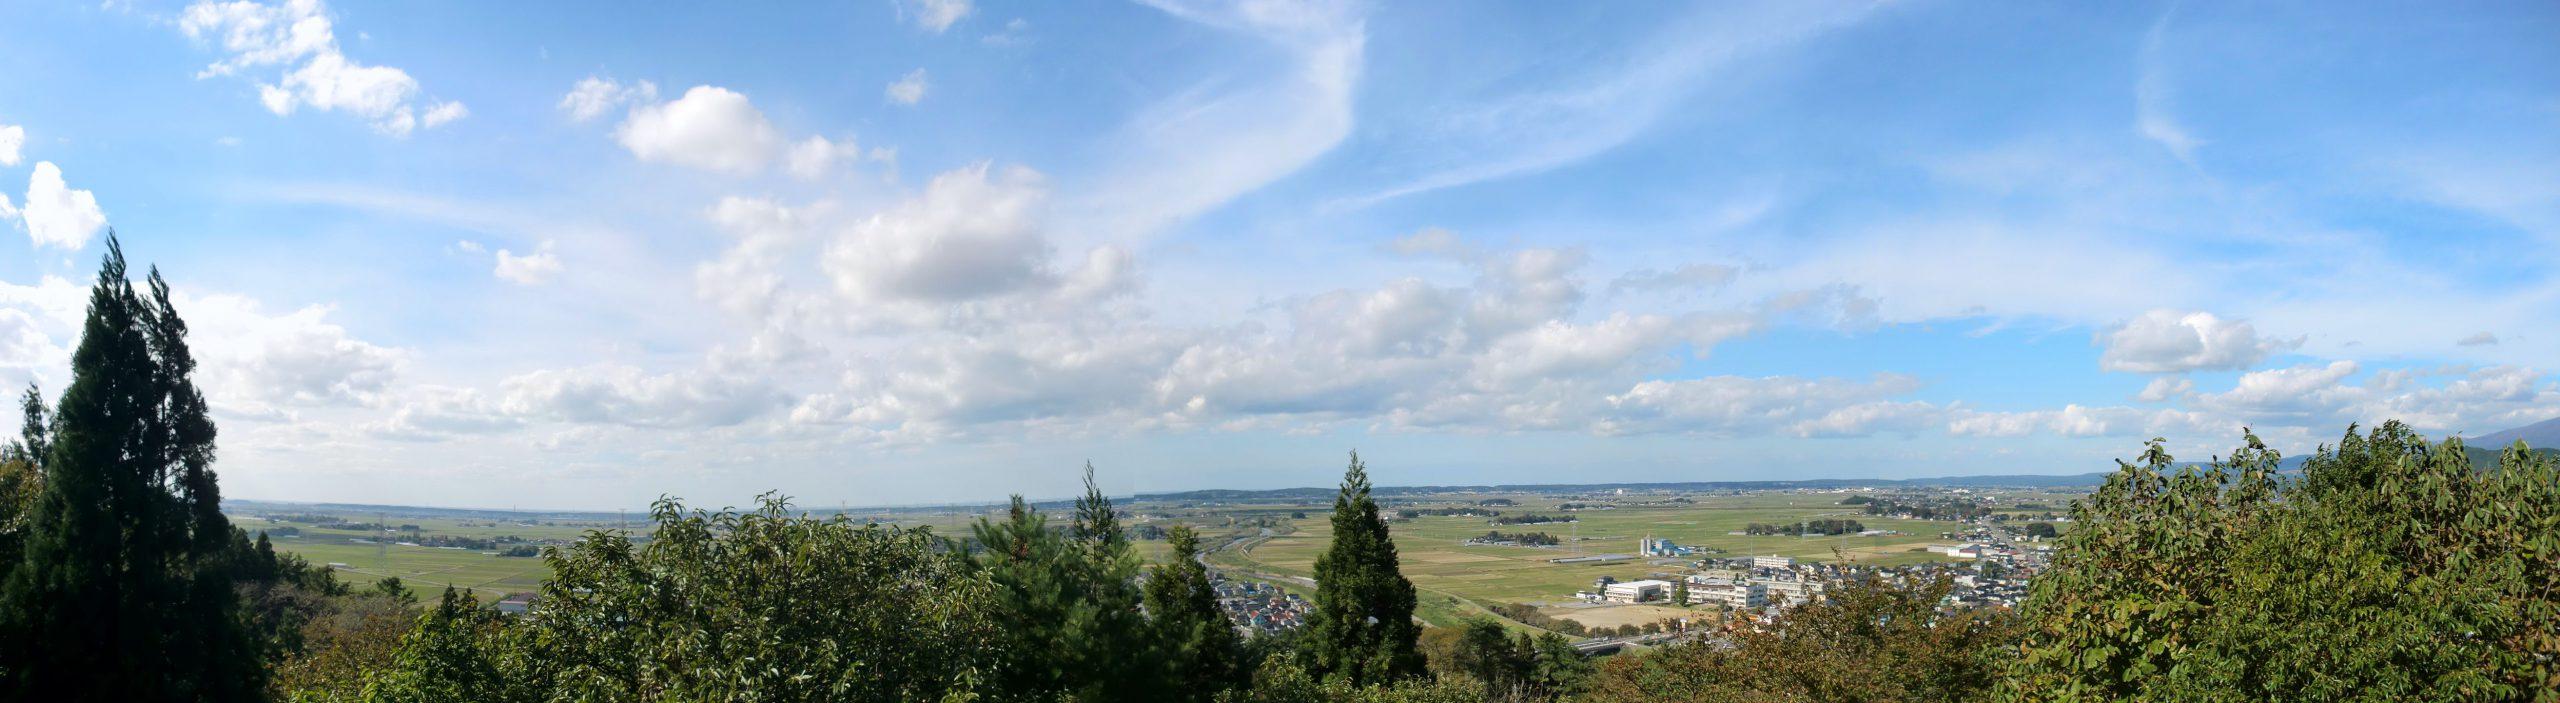 八幡の八森公園展望台から酒田市方面を望む